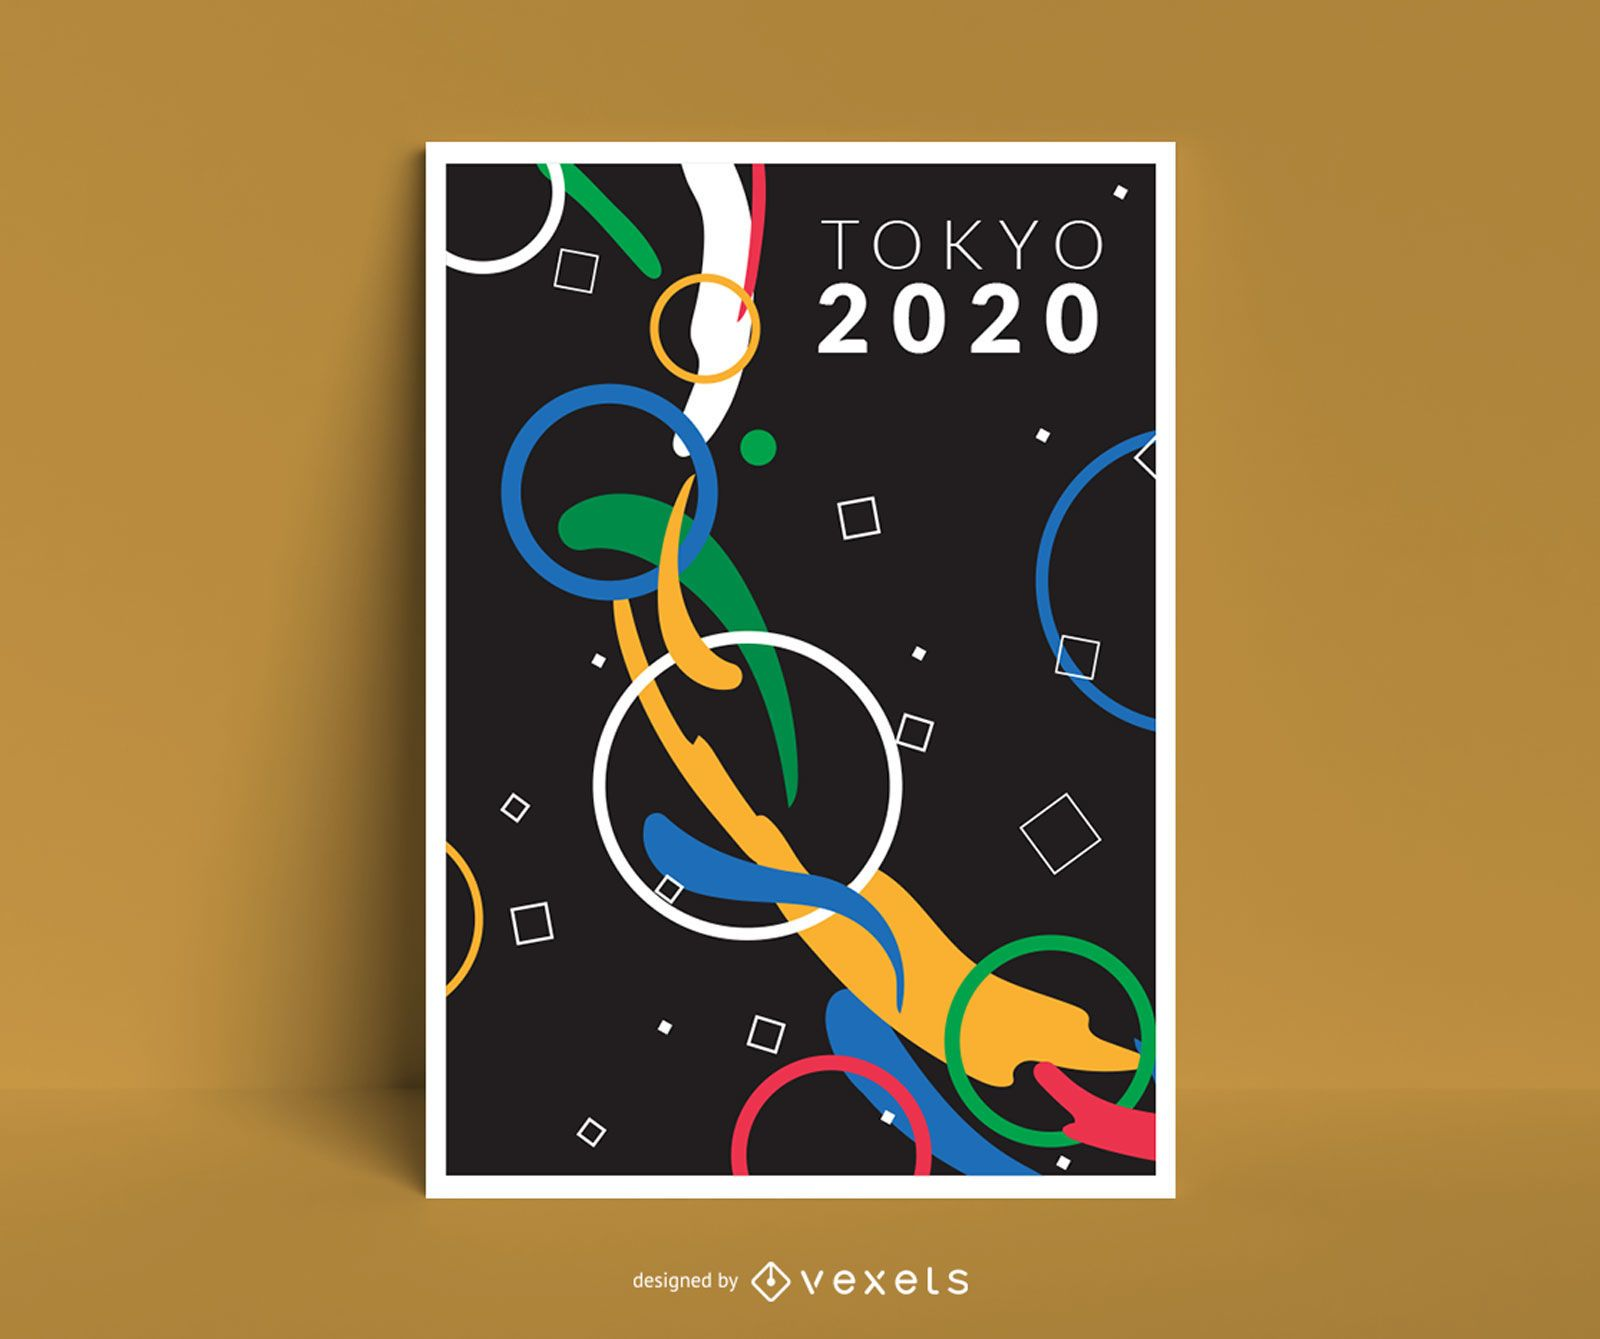 Diseño abstracto del cartel de Tokio 2020